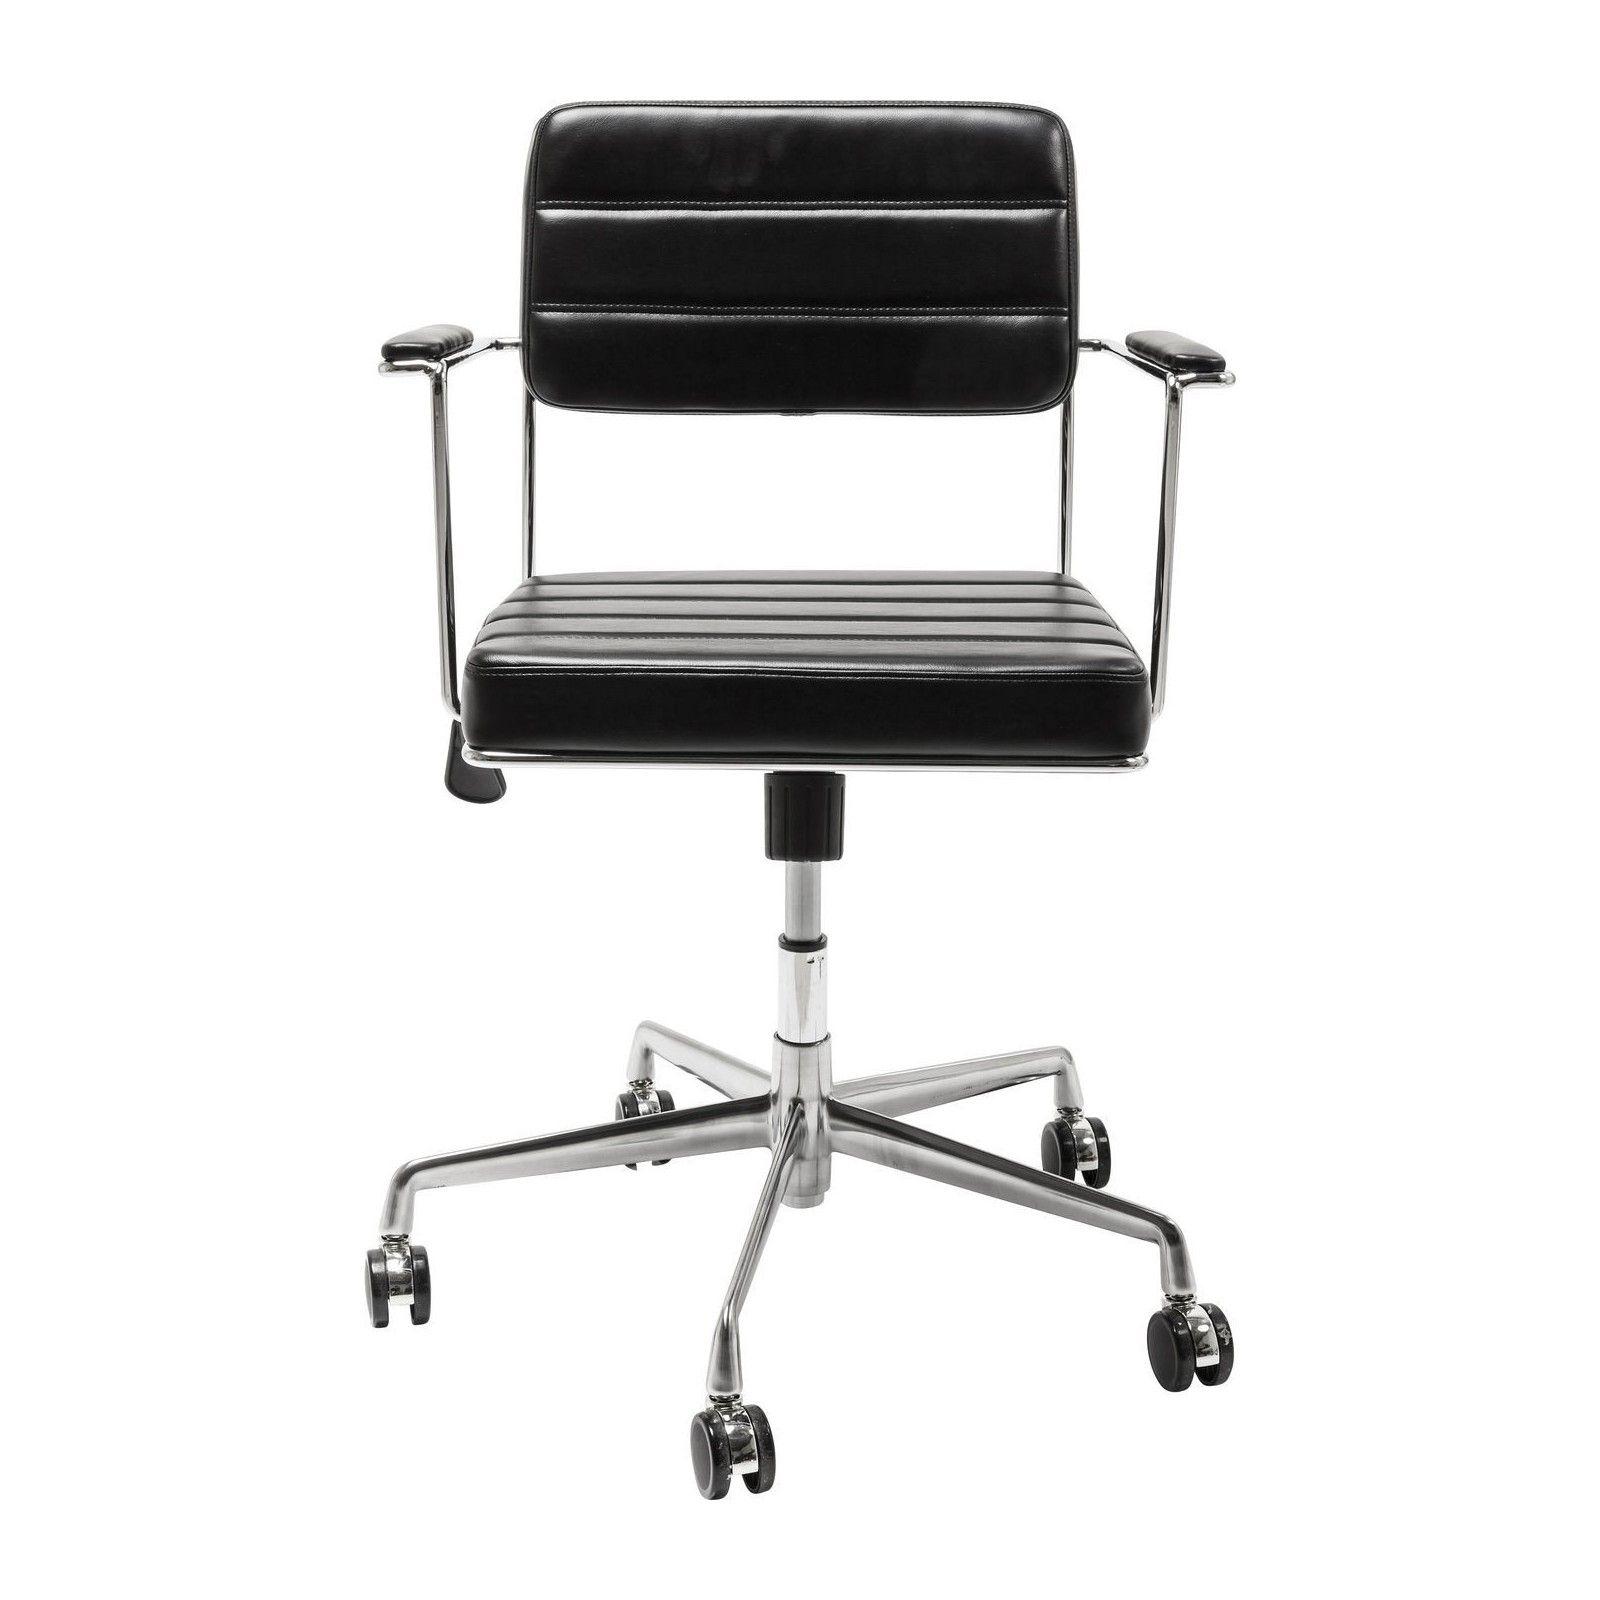 Chaise De Bureau Pivotante Dottore Noire Kare Design Chaise Bureau Fauteuil Bureau Design Bureau Retro